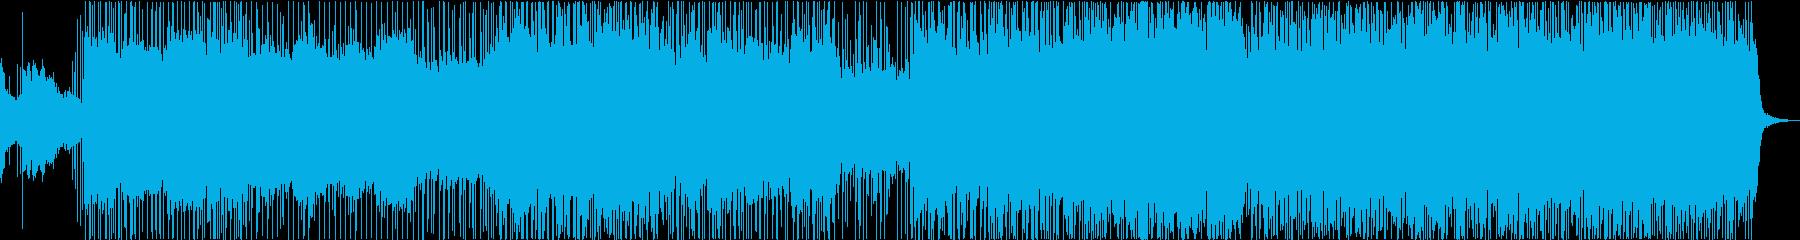 生尺八演奏・ヘビーで勢いのある和風ロックの再生済みの波形